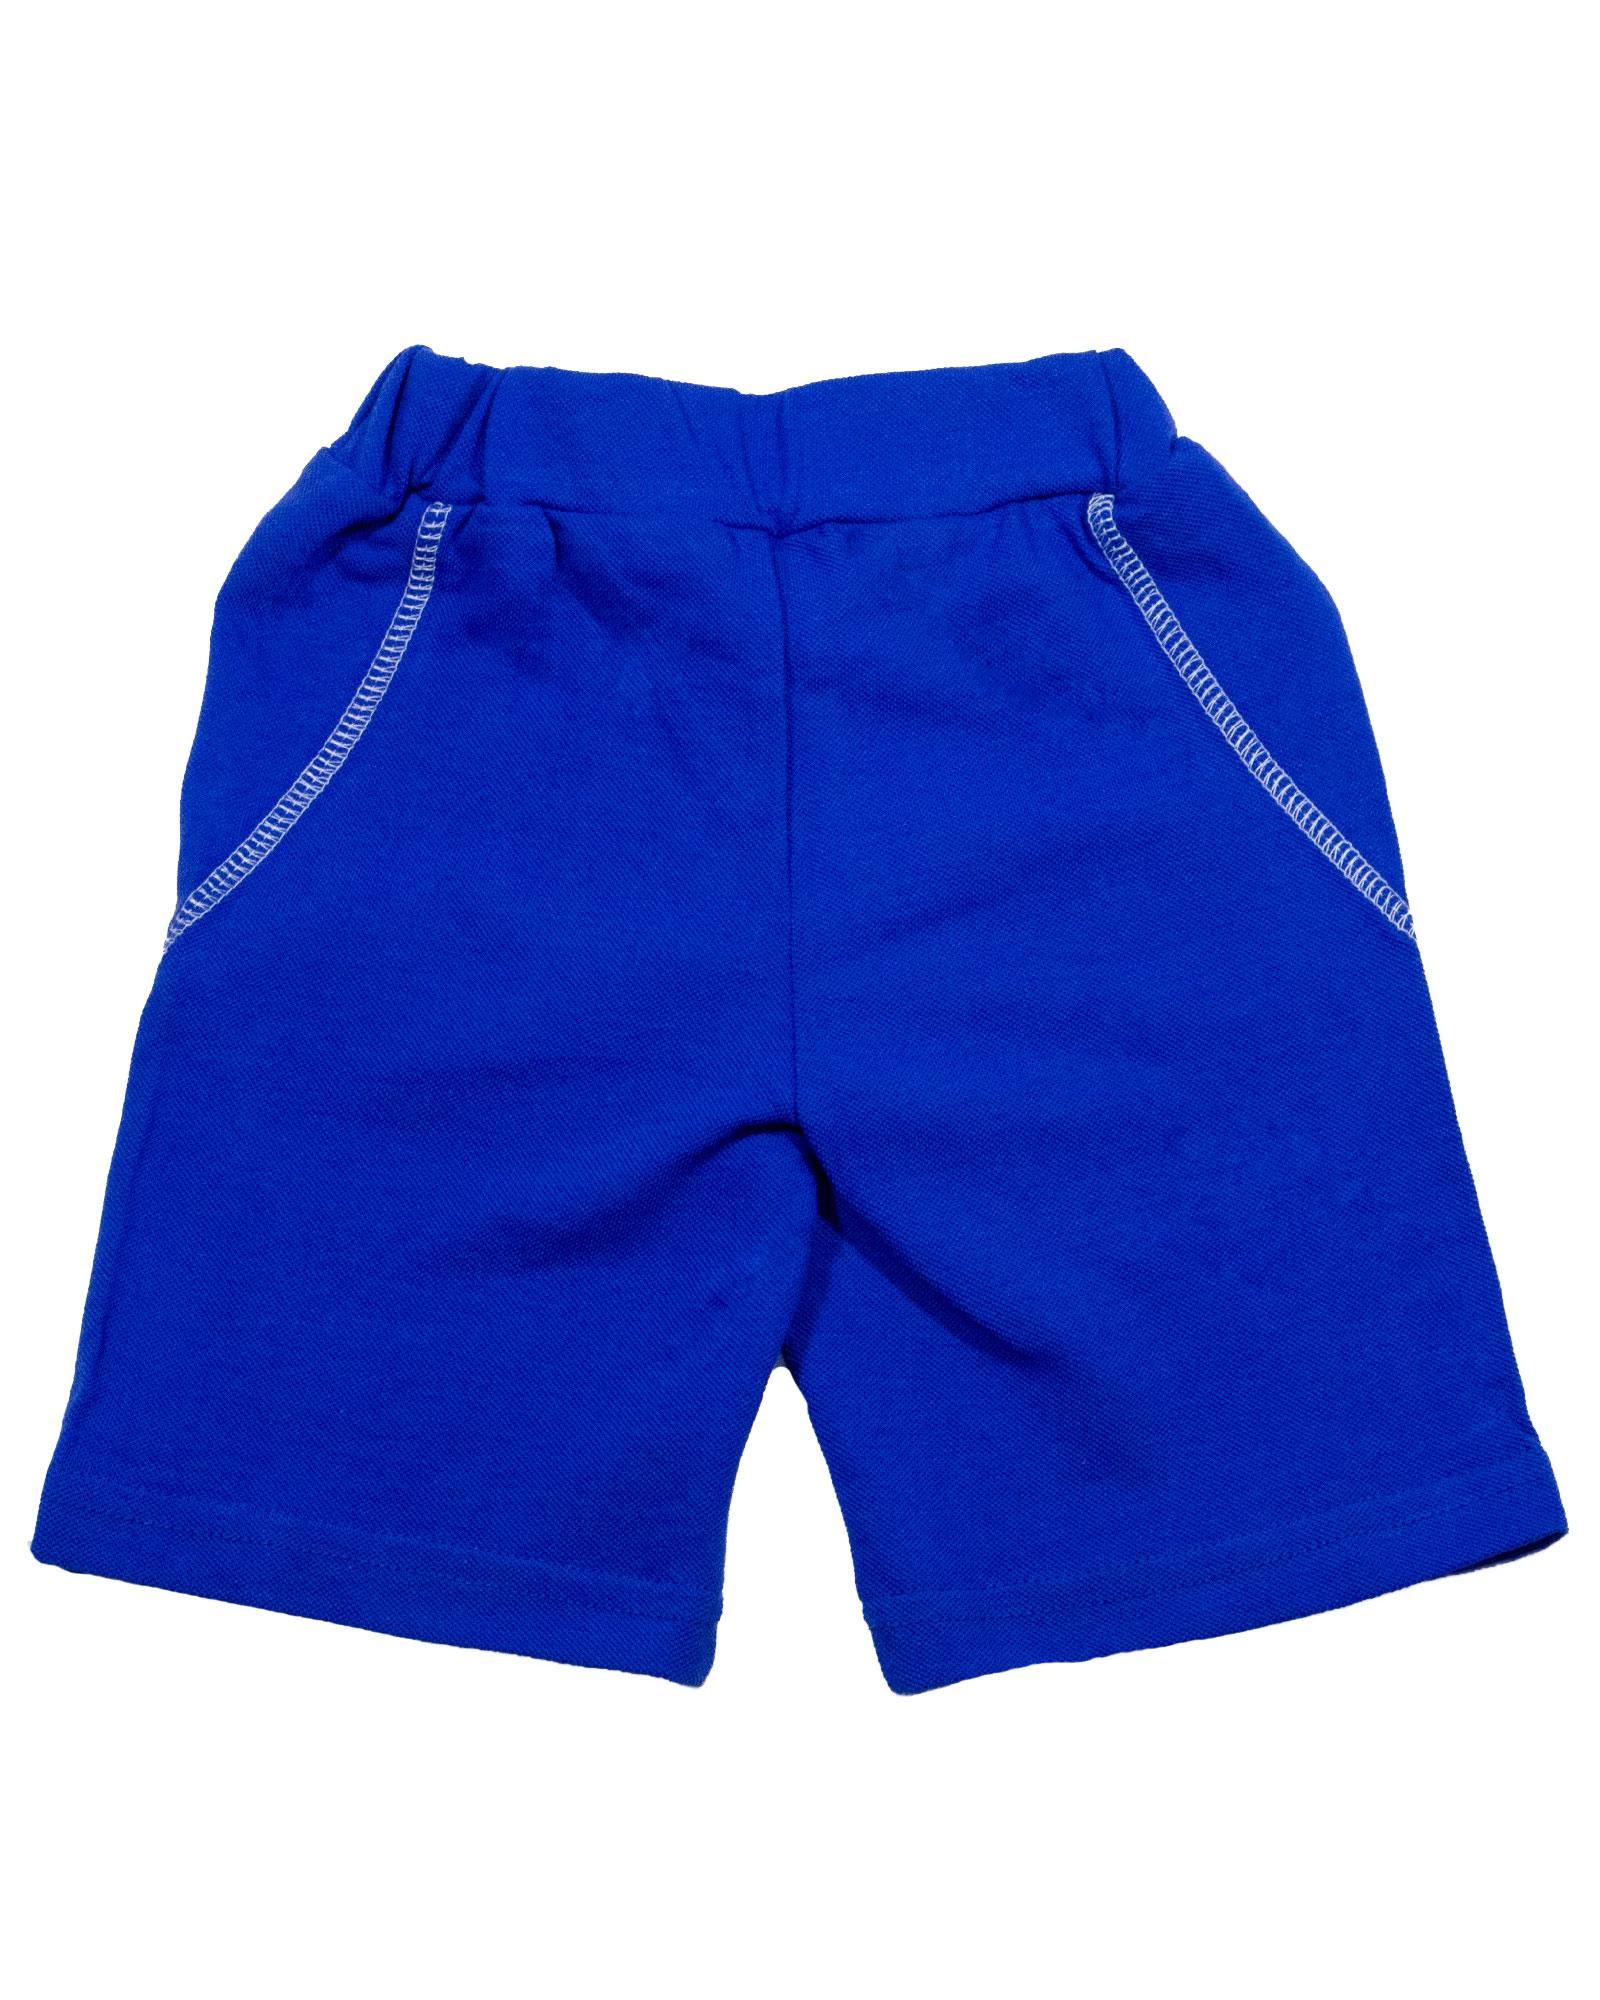 Брюки для мальчиков синие доставка